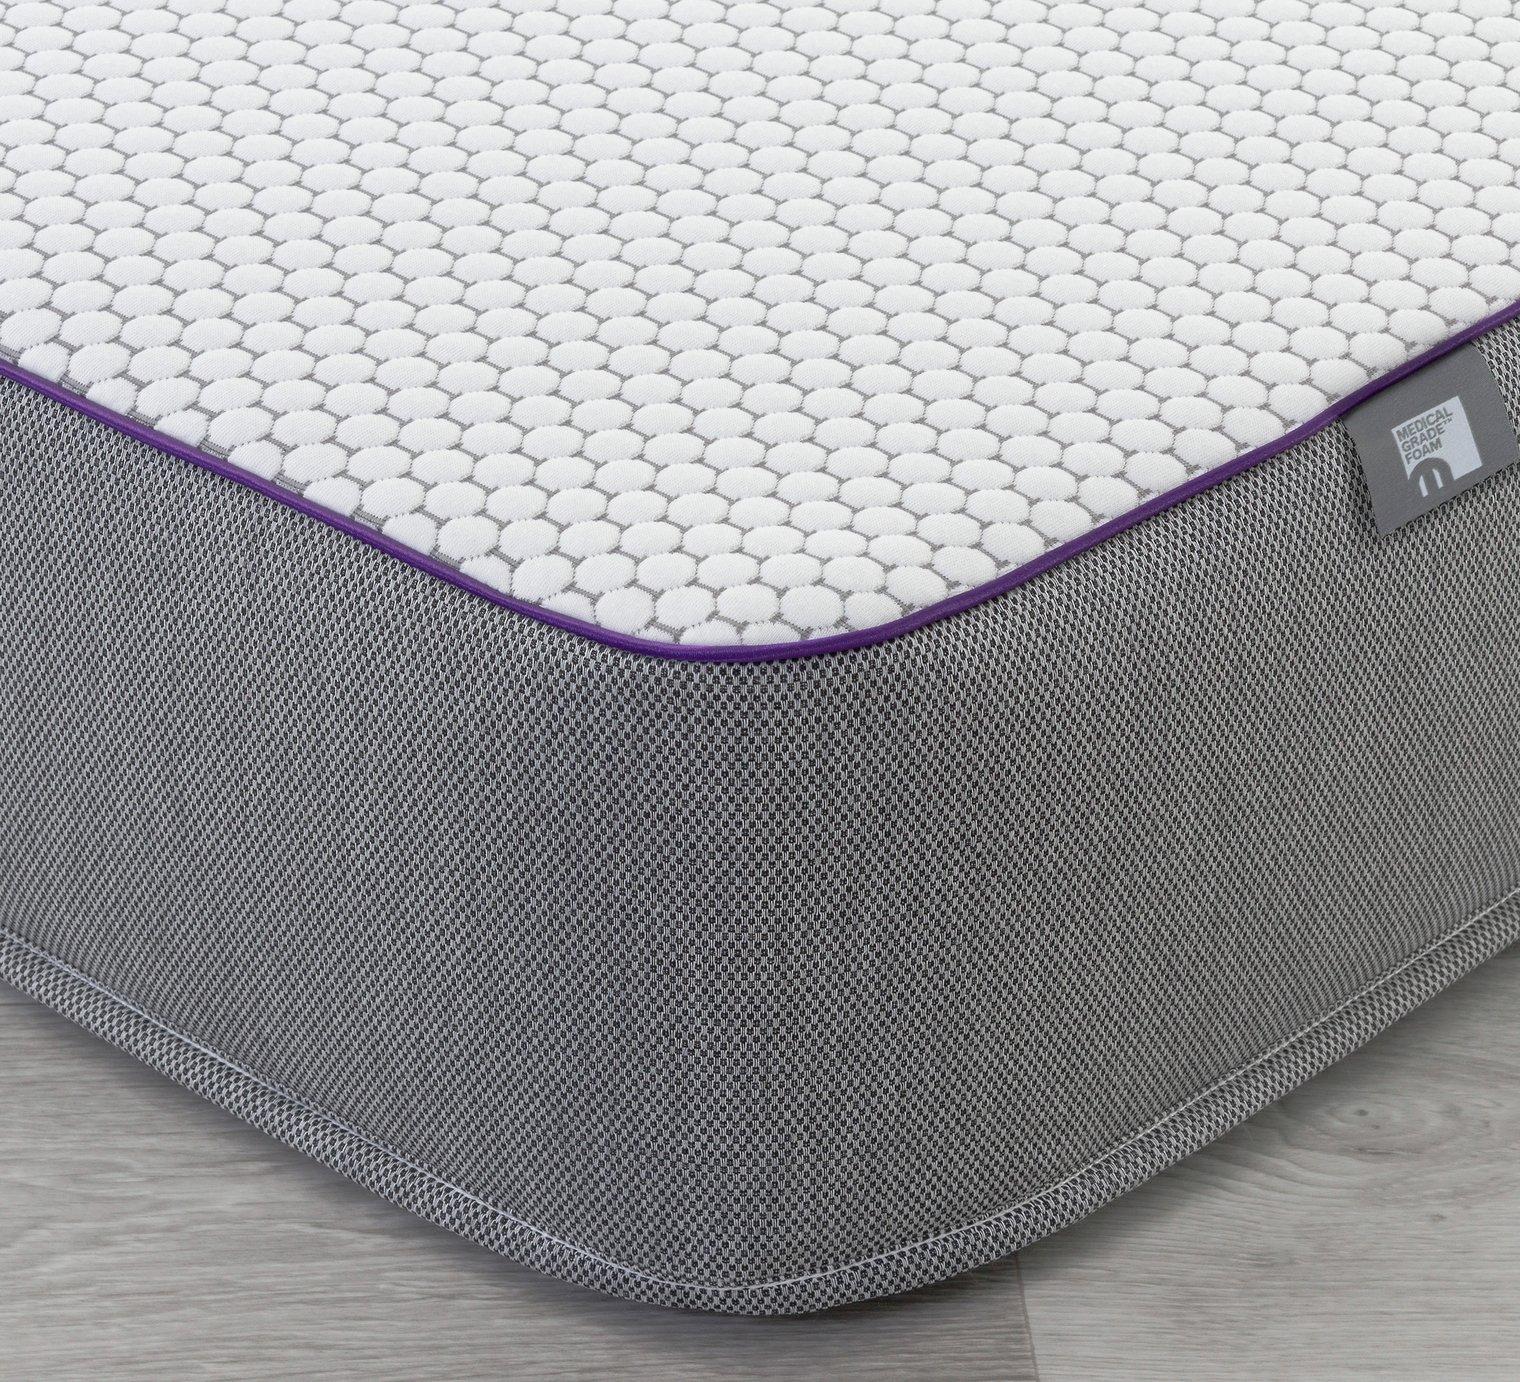 Mammoth wake advance superking mattress